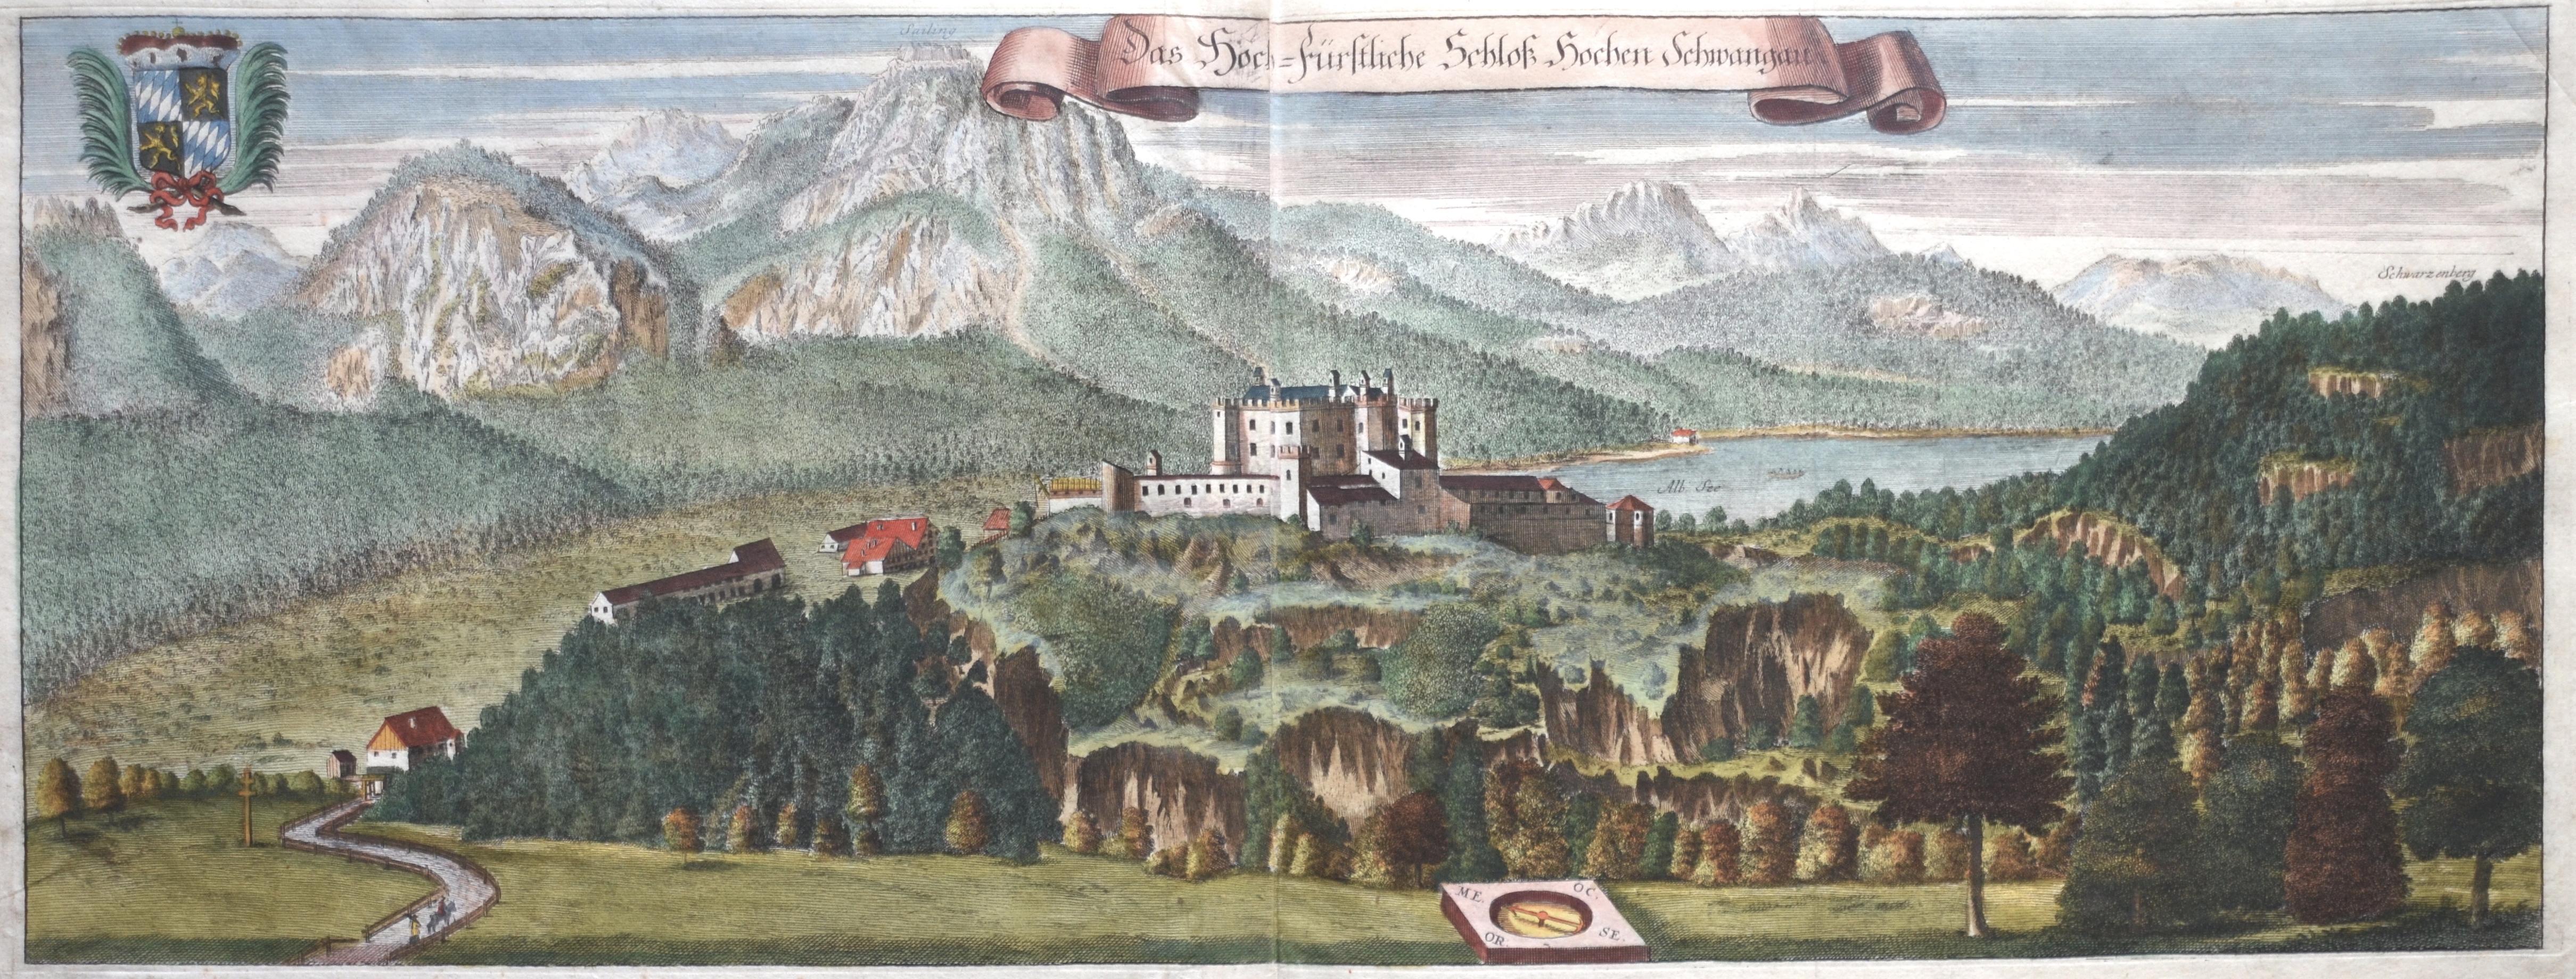 Wening  Das Hoch-Fürstliche Schloß Hohen Schwangau.